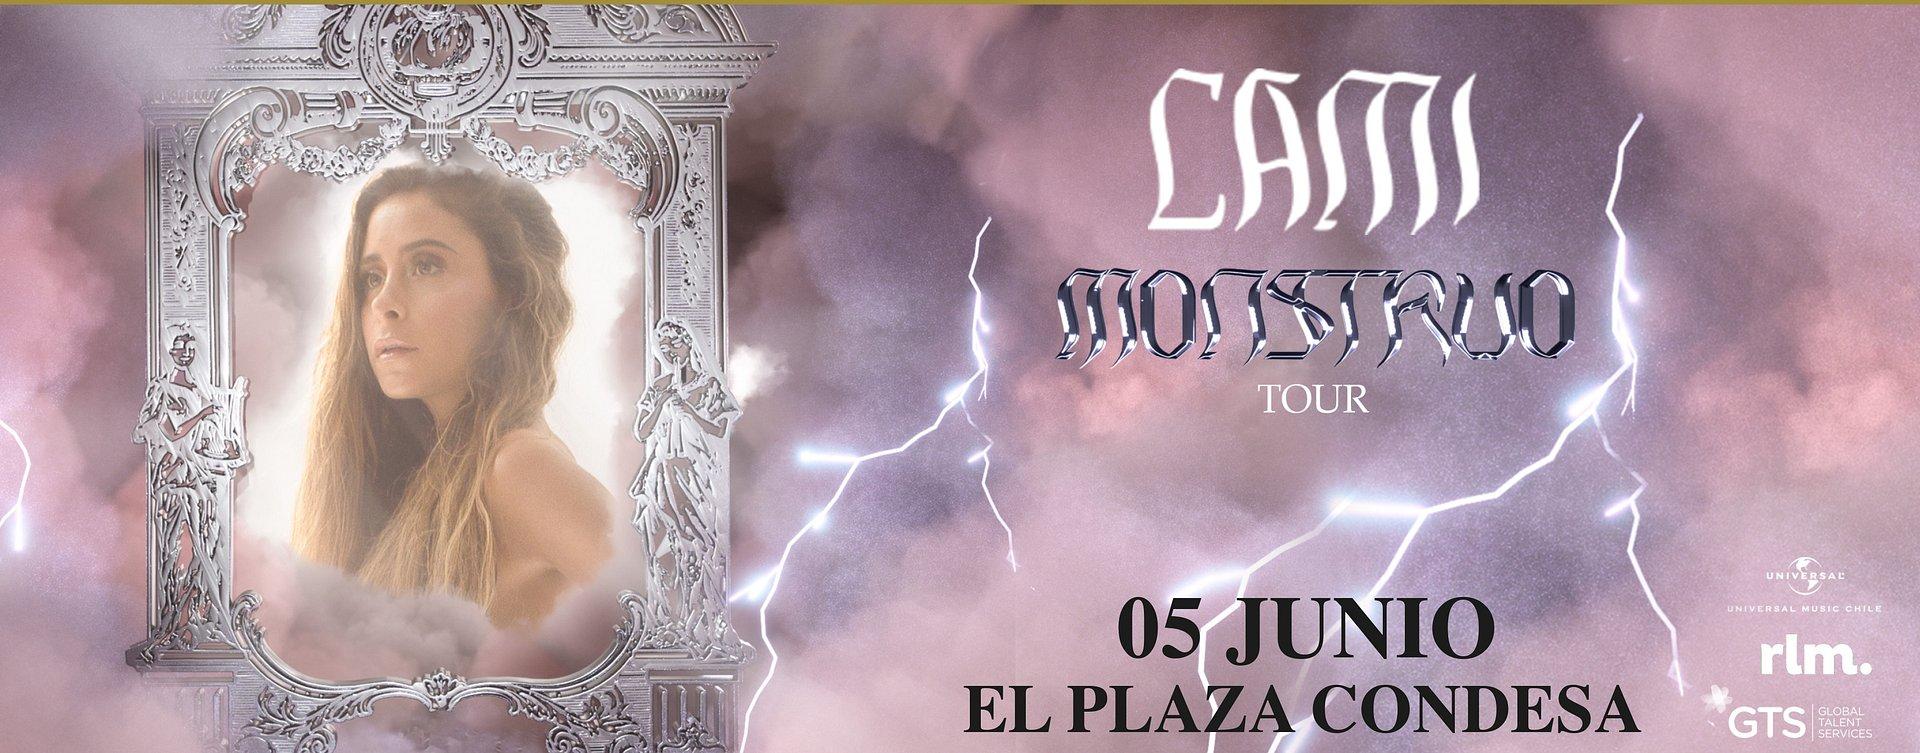 """Cami llegará a El Plaza Condesa con """"Monstruo Tour"""""""